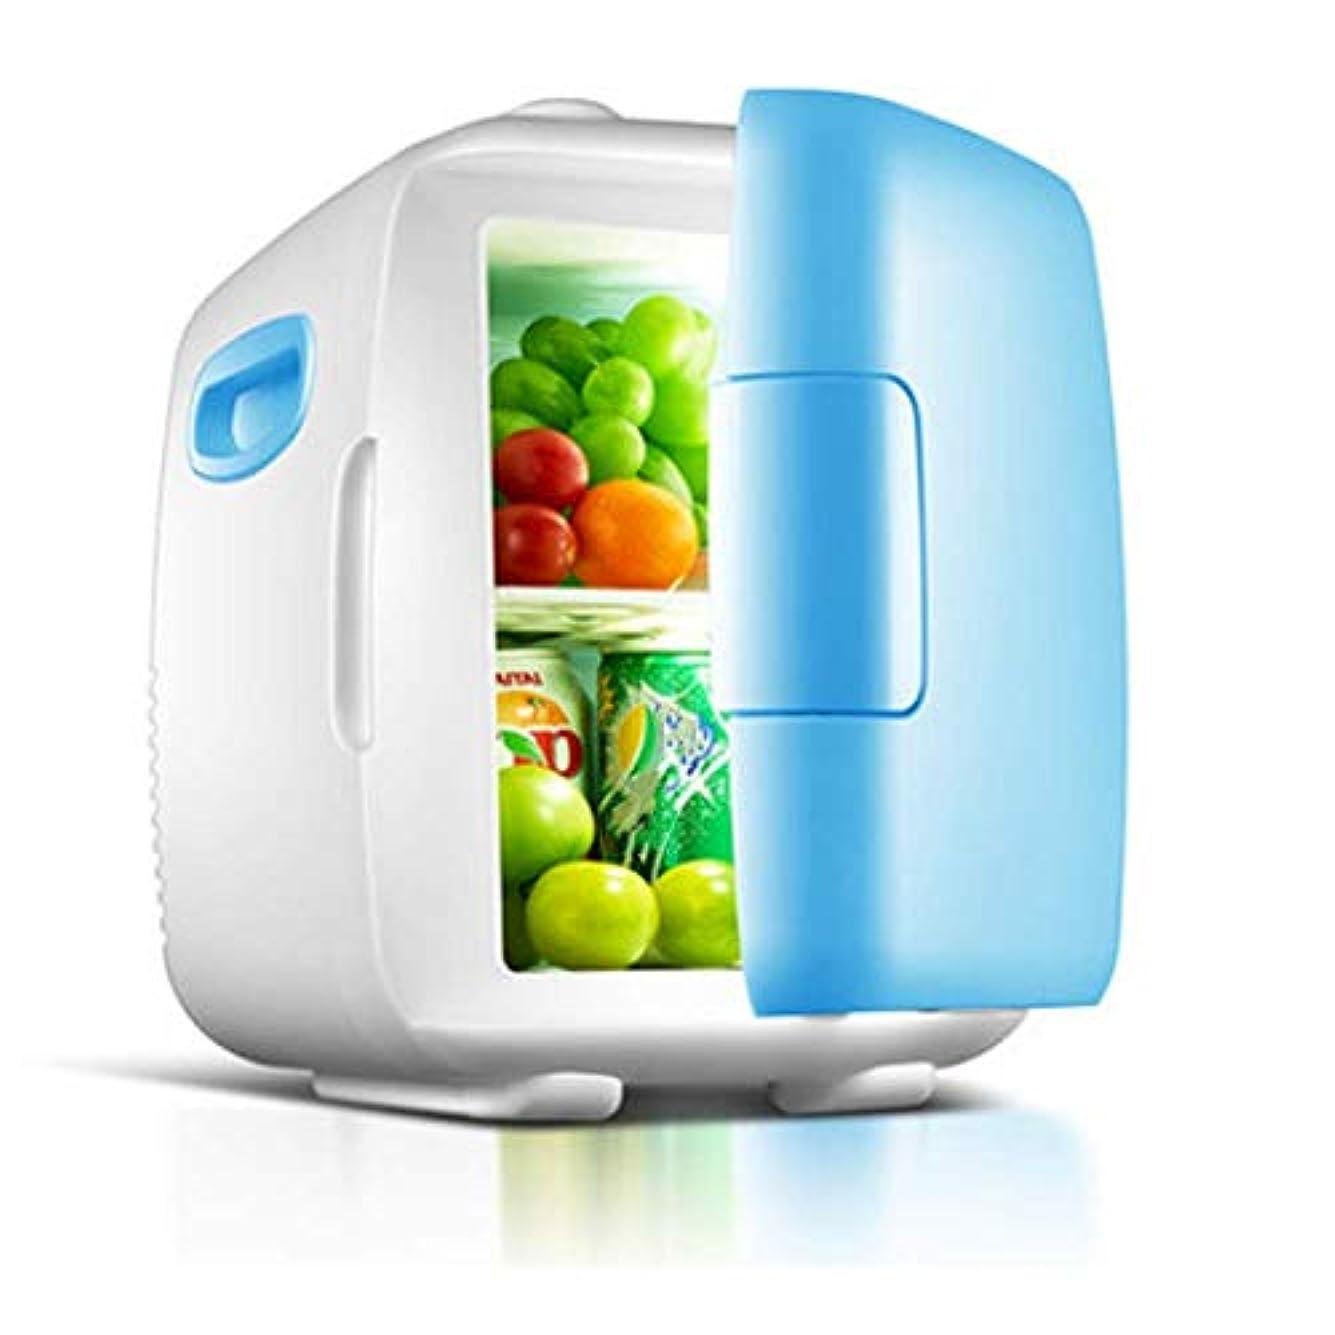 サンドイッチに関してディンカルビルミニ冷蔵庫、ポータブルコンパクトパーソナル冷蔵庫、冷暖房、4リットル容量、100%フロンフリーエコフレンドリー、寝室、オフィス、車内